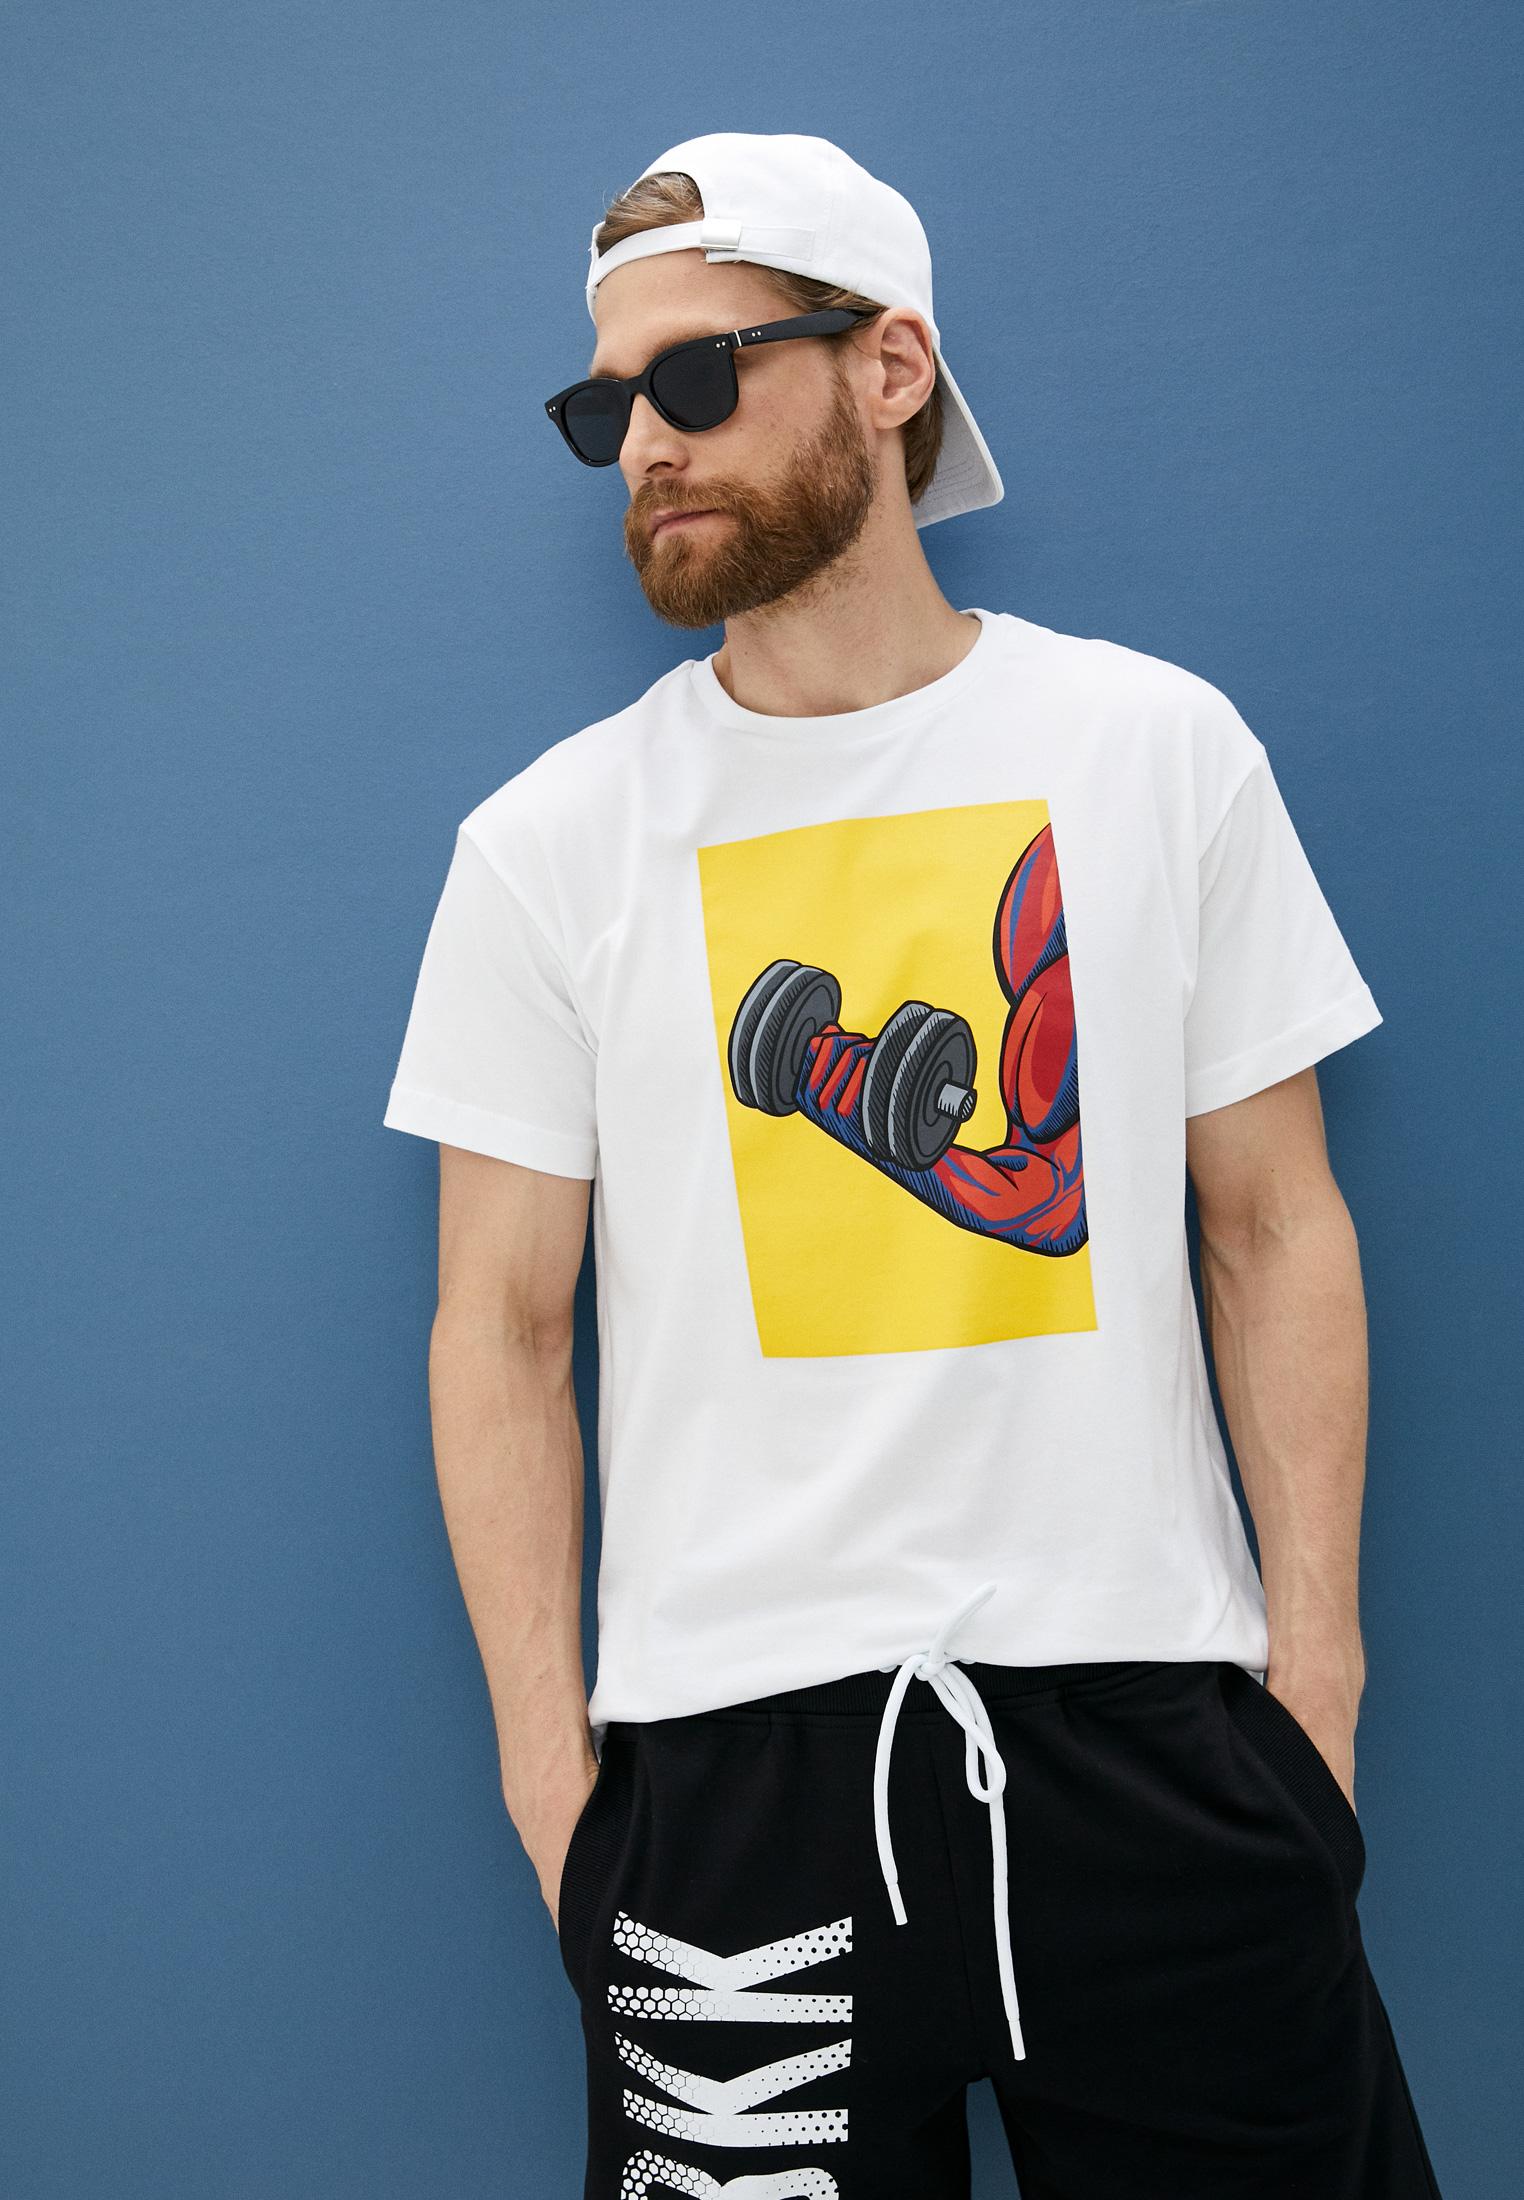 Мужская футболка Bikkembergs (Биккембергс) C 4 114 02 E 2273: изображение 2